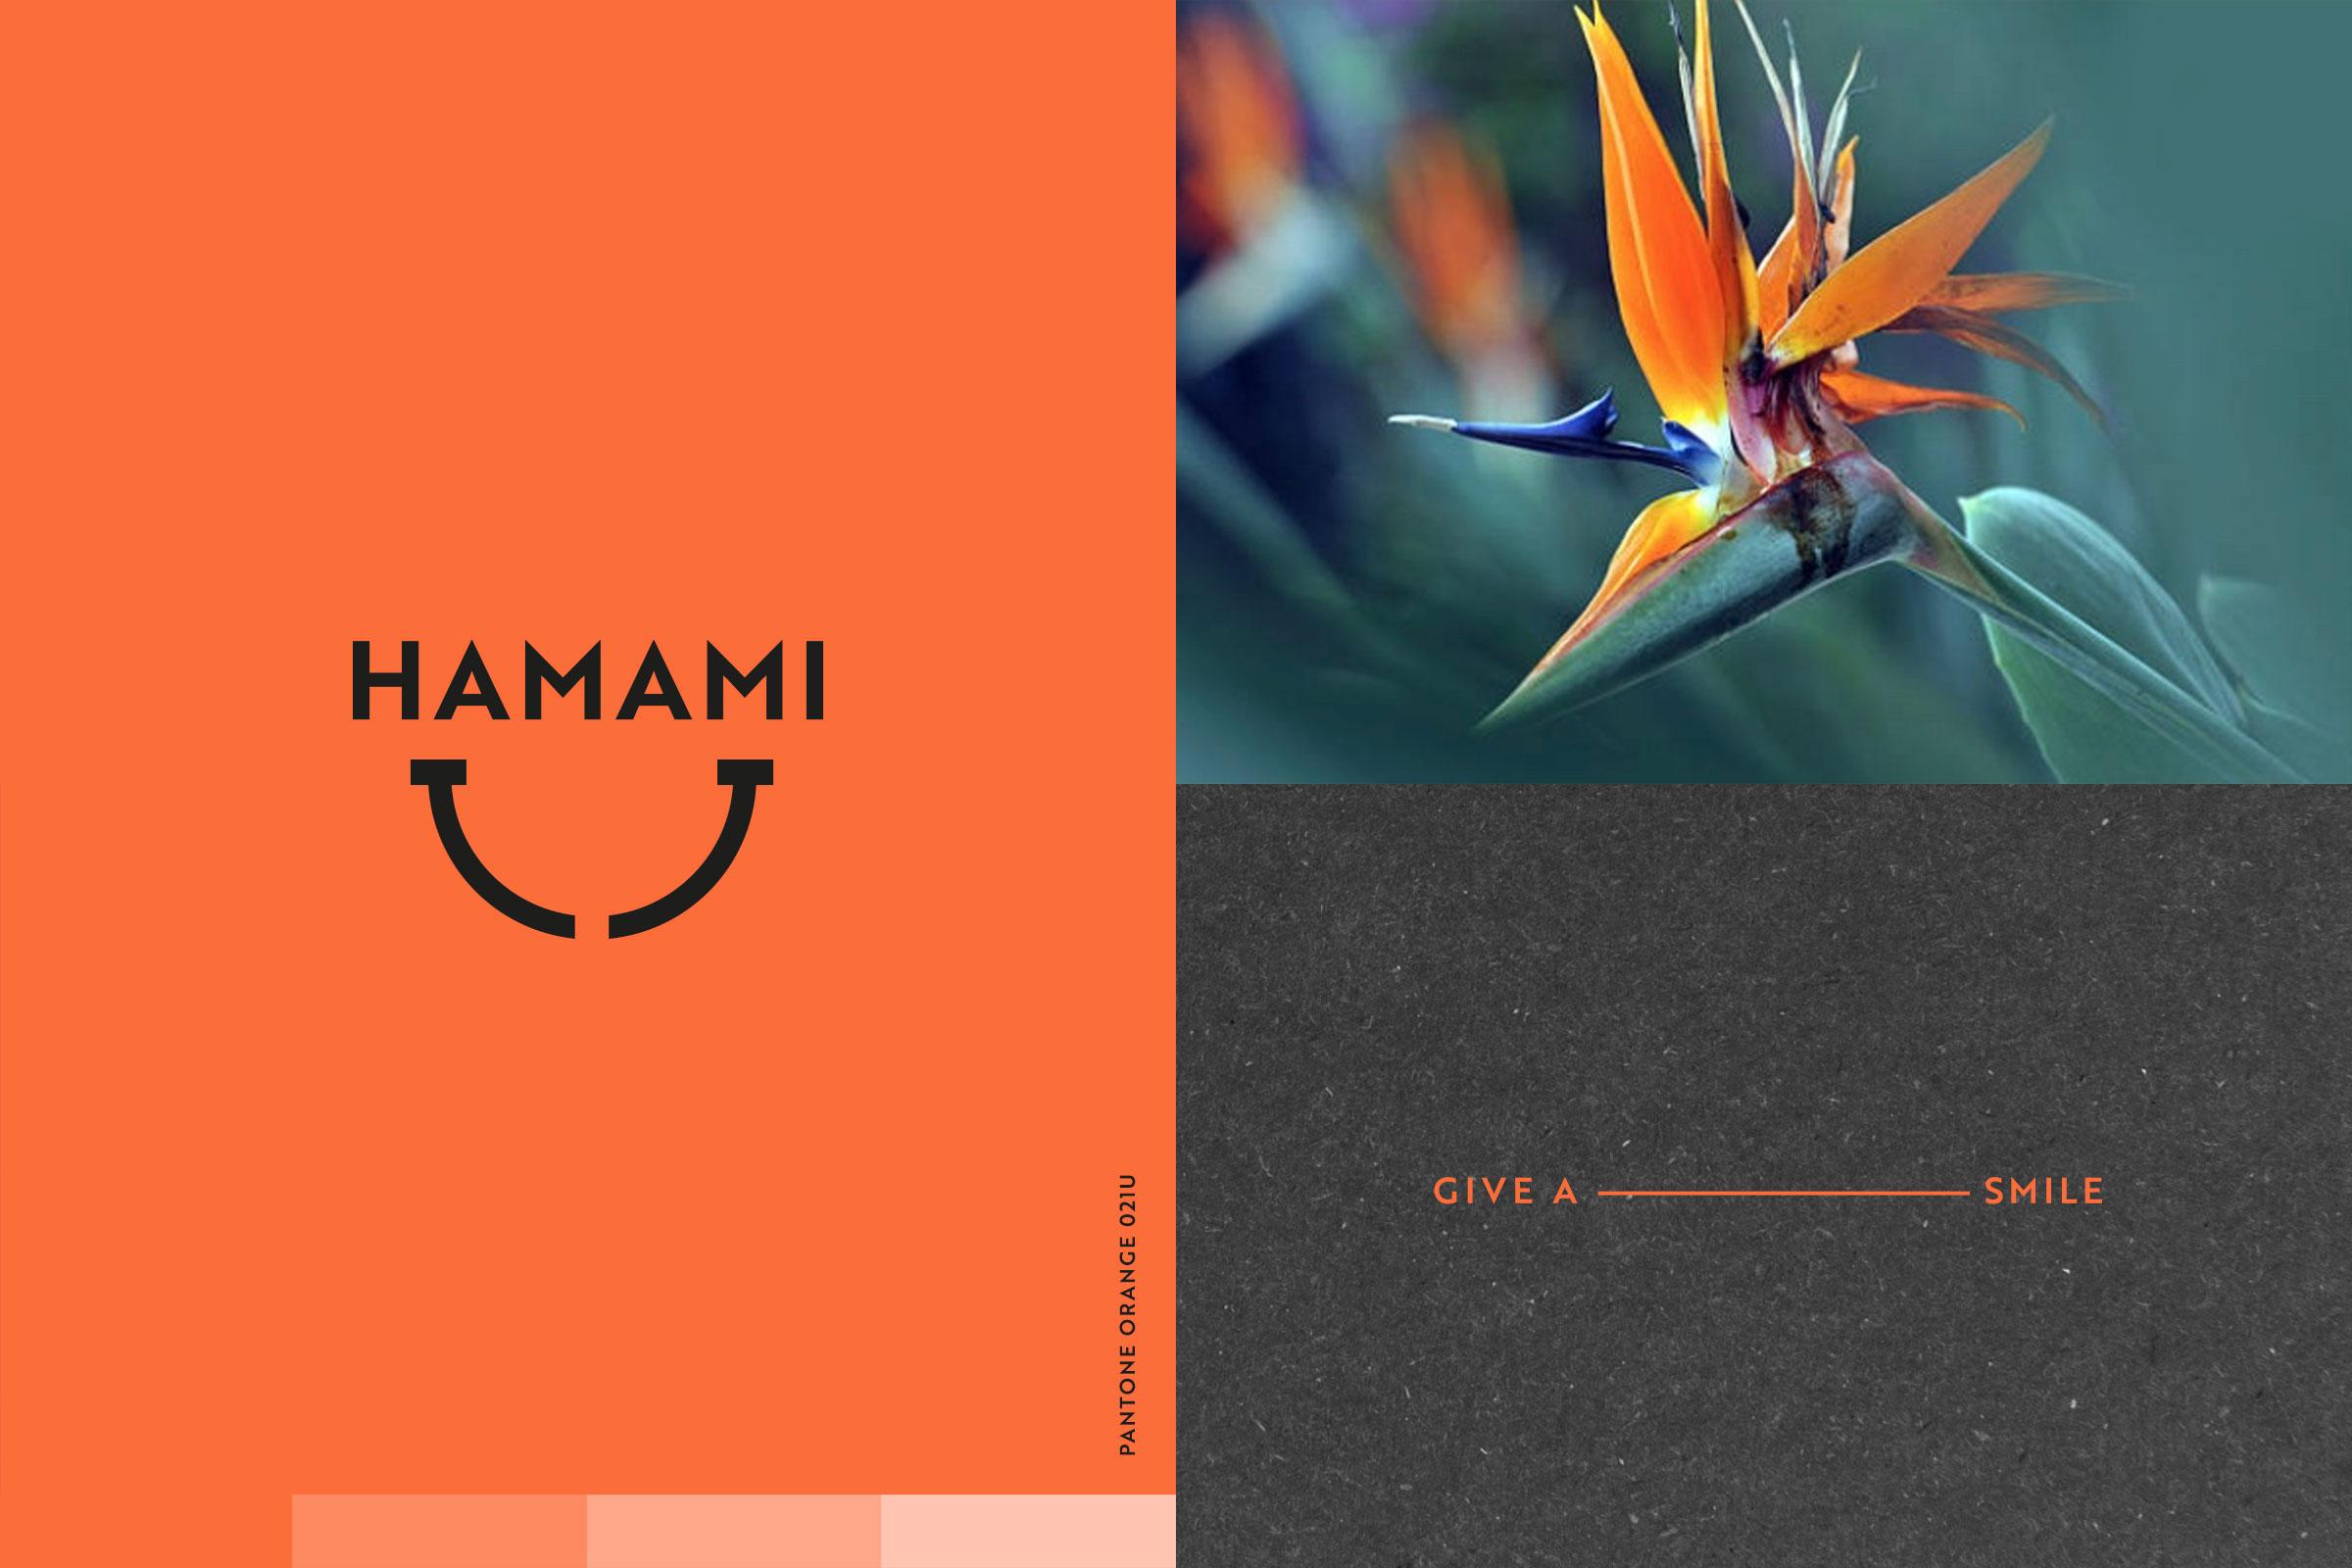 visee_case_hamami-24e